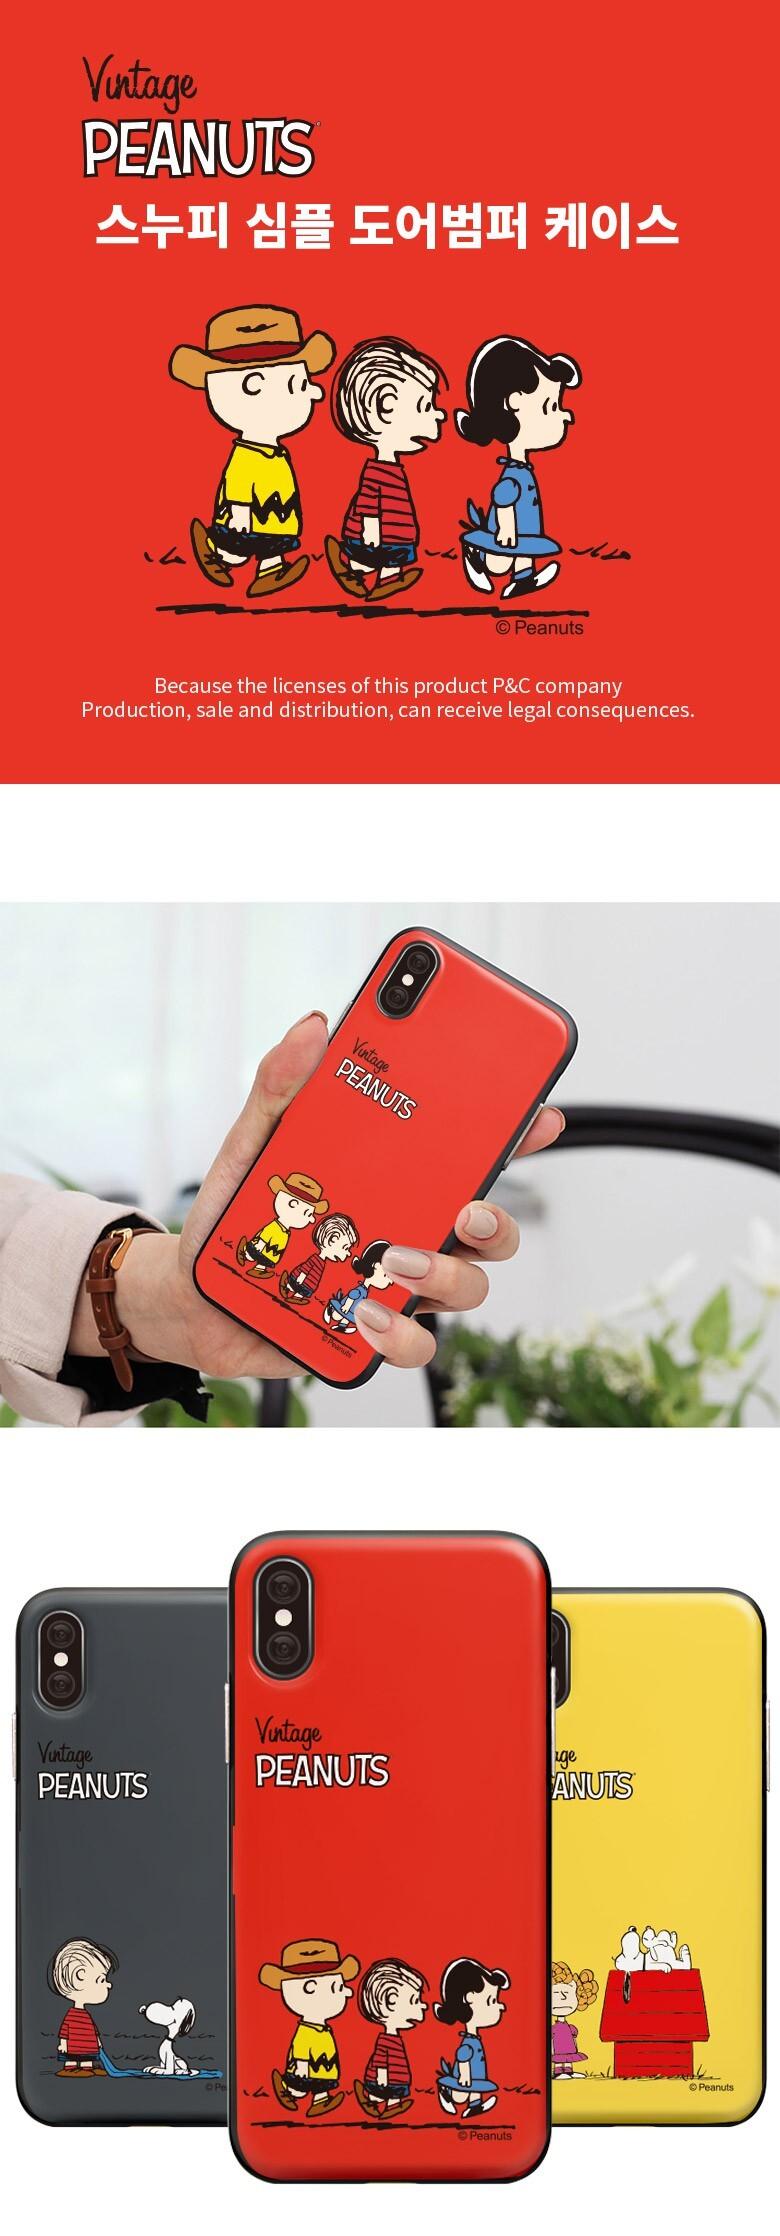 미러케이스,도어케이스,카드케이스,아이폰도어케이스,핸드폰카드케이스,스마트폰카드케이스,신용카드케이스,아이폰 범퍼케이스,갤럭시 카드케이스,아이폰 11pro 카드케이스,노트10 카드케이스